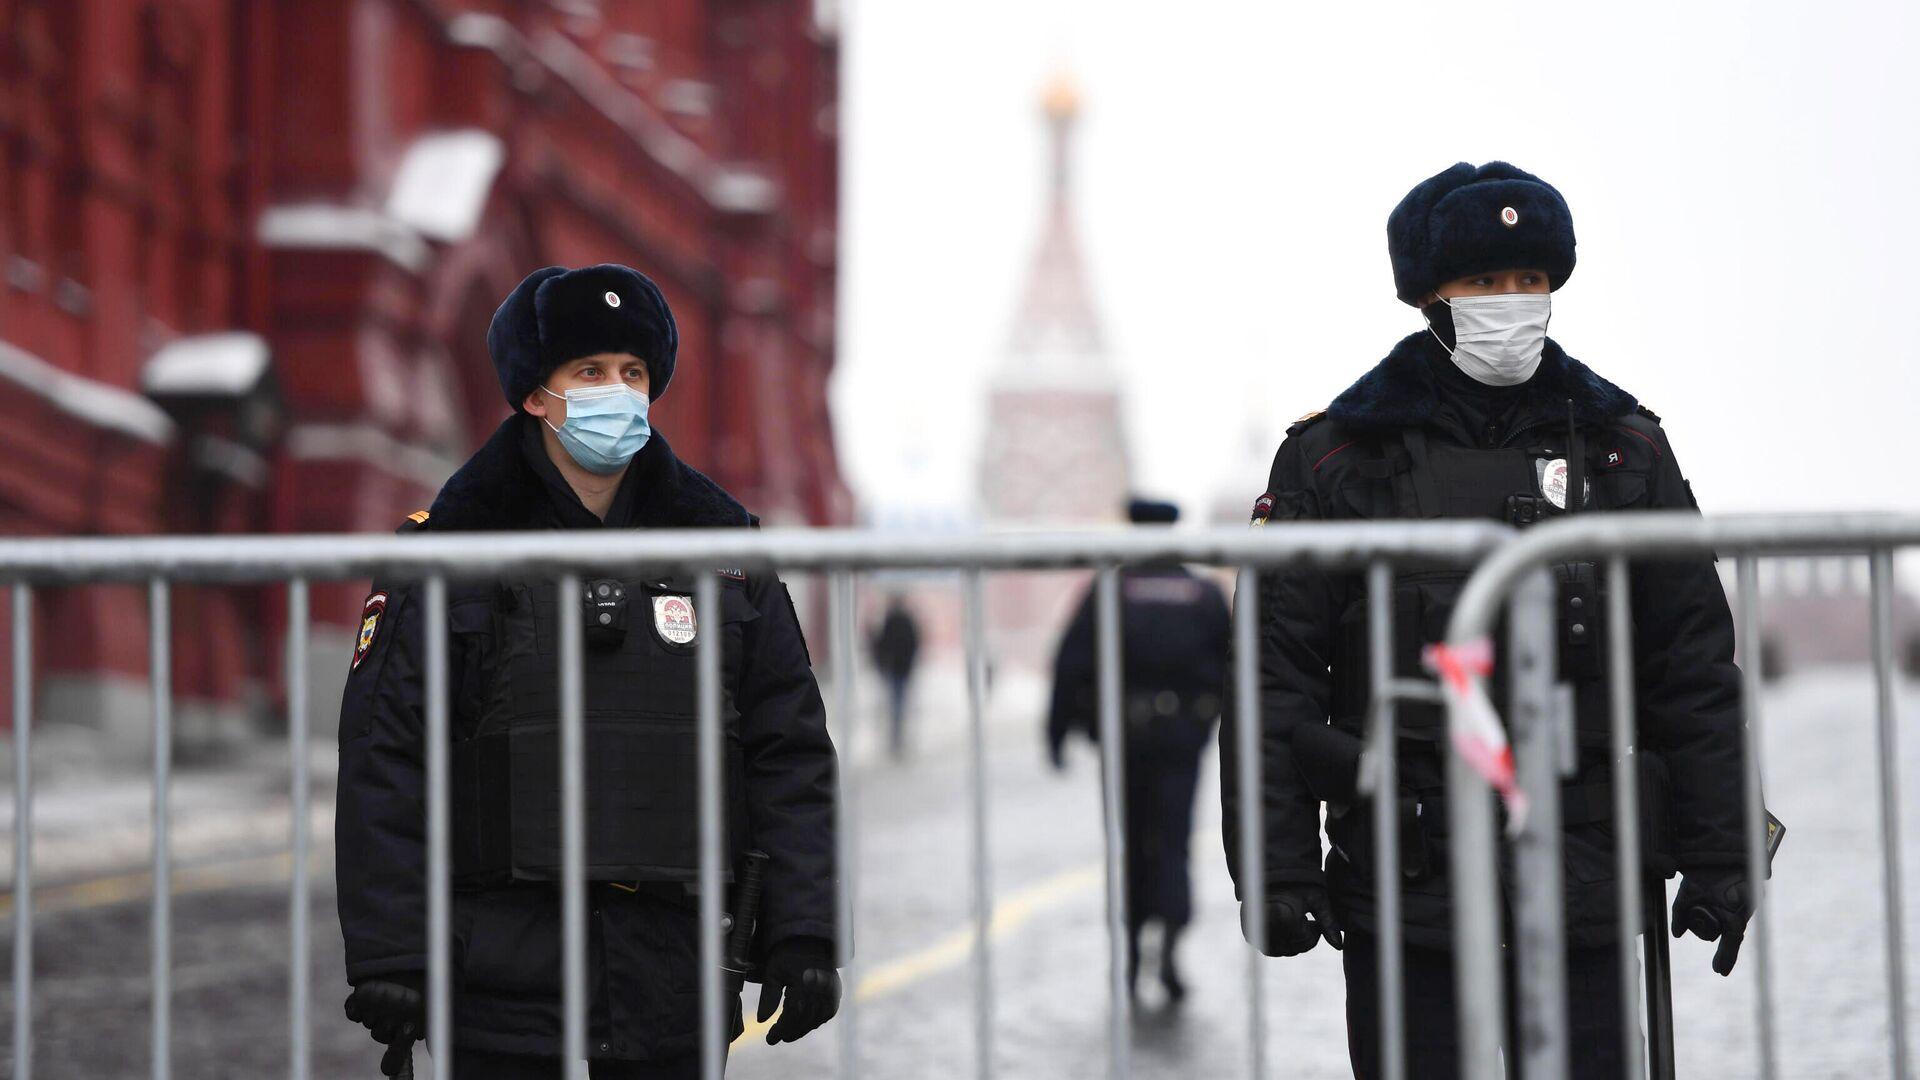 Сотрудники полиции поставили ограждения у Красной площади в Москве перед началом несанкционированной акции сторонников Алексея Навального - РИА Новости, 1920, 29.01.2021